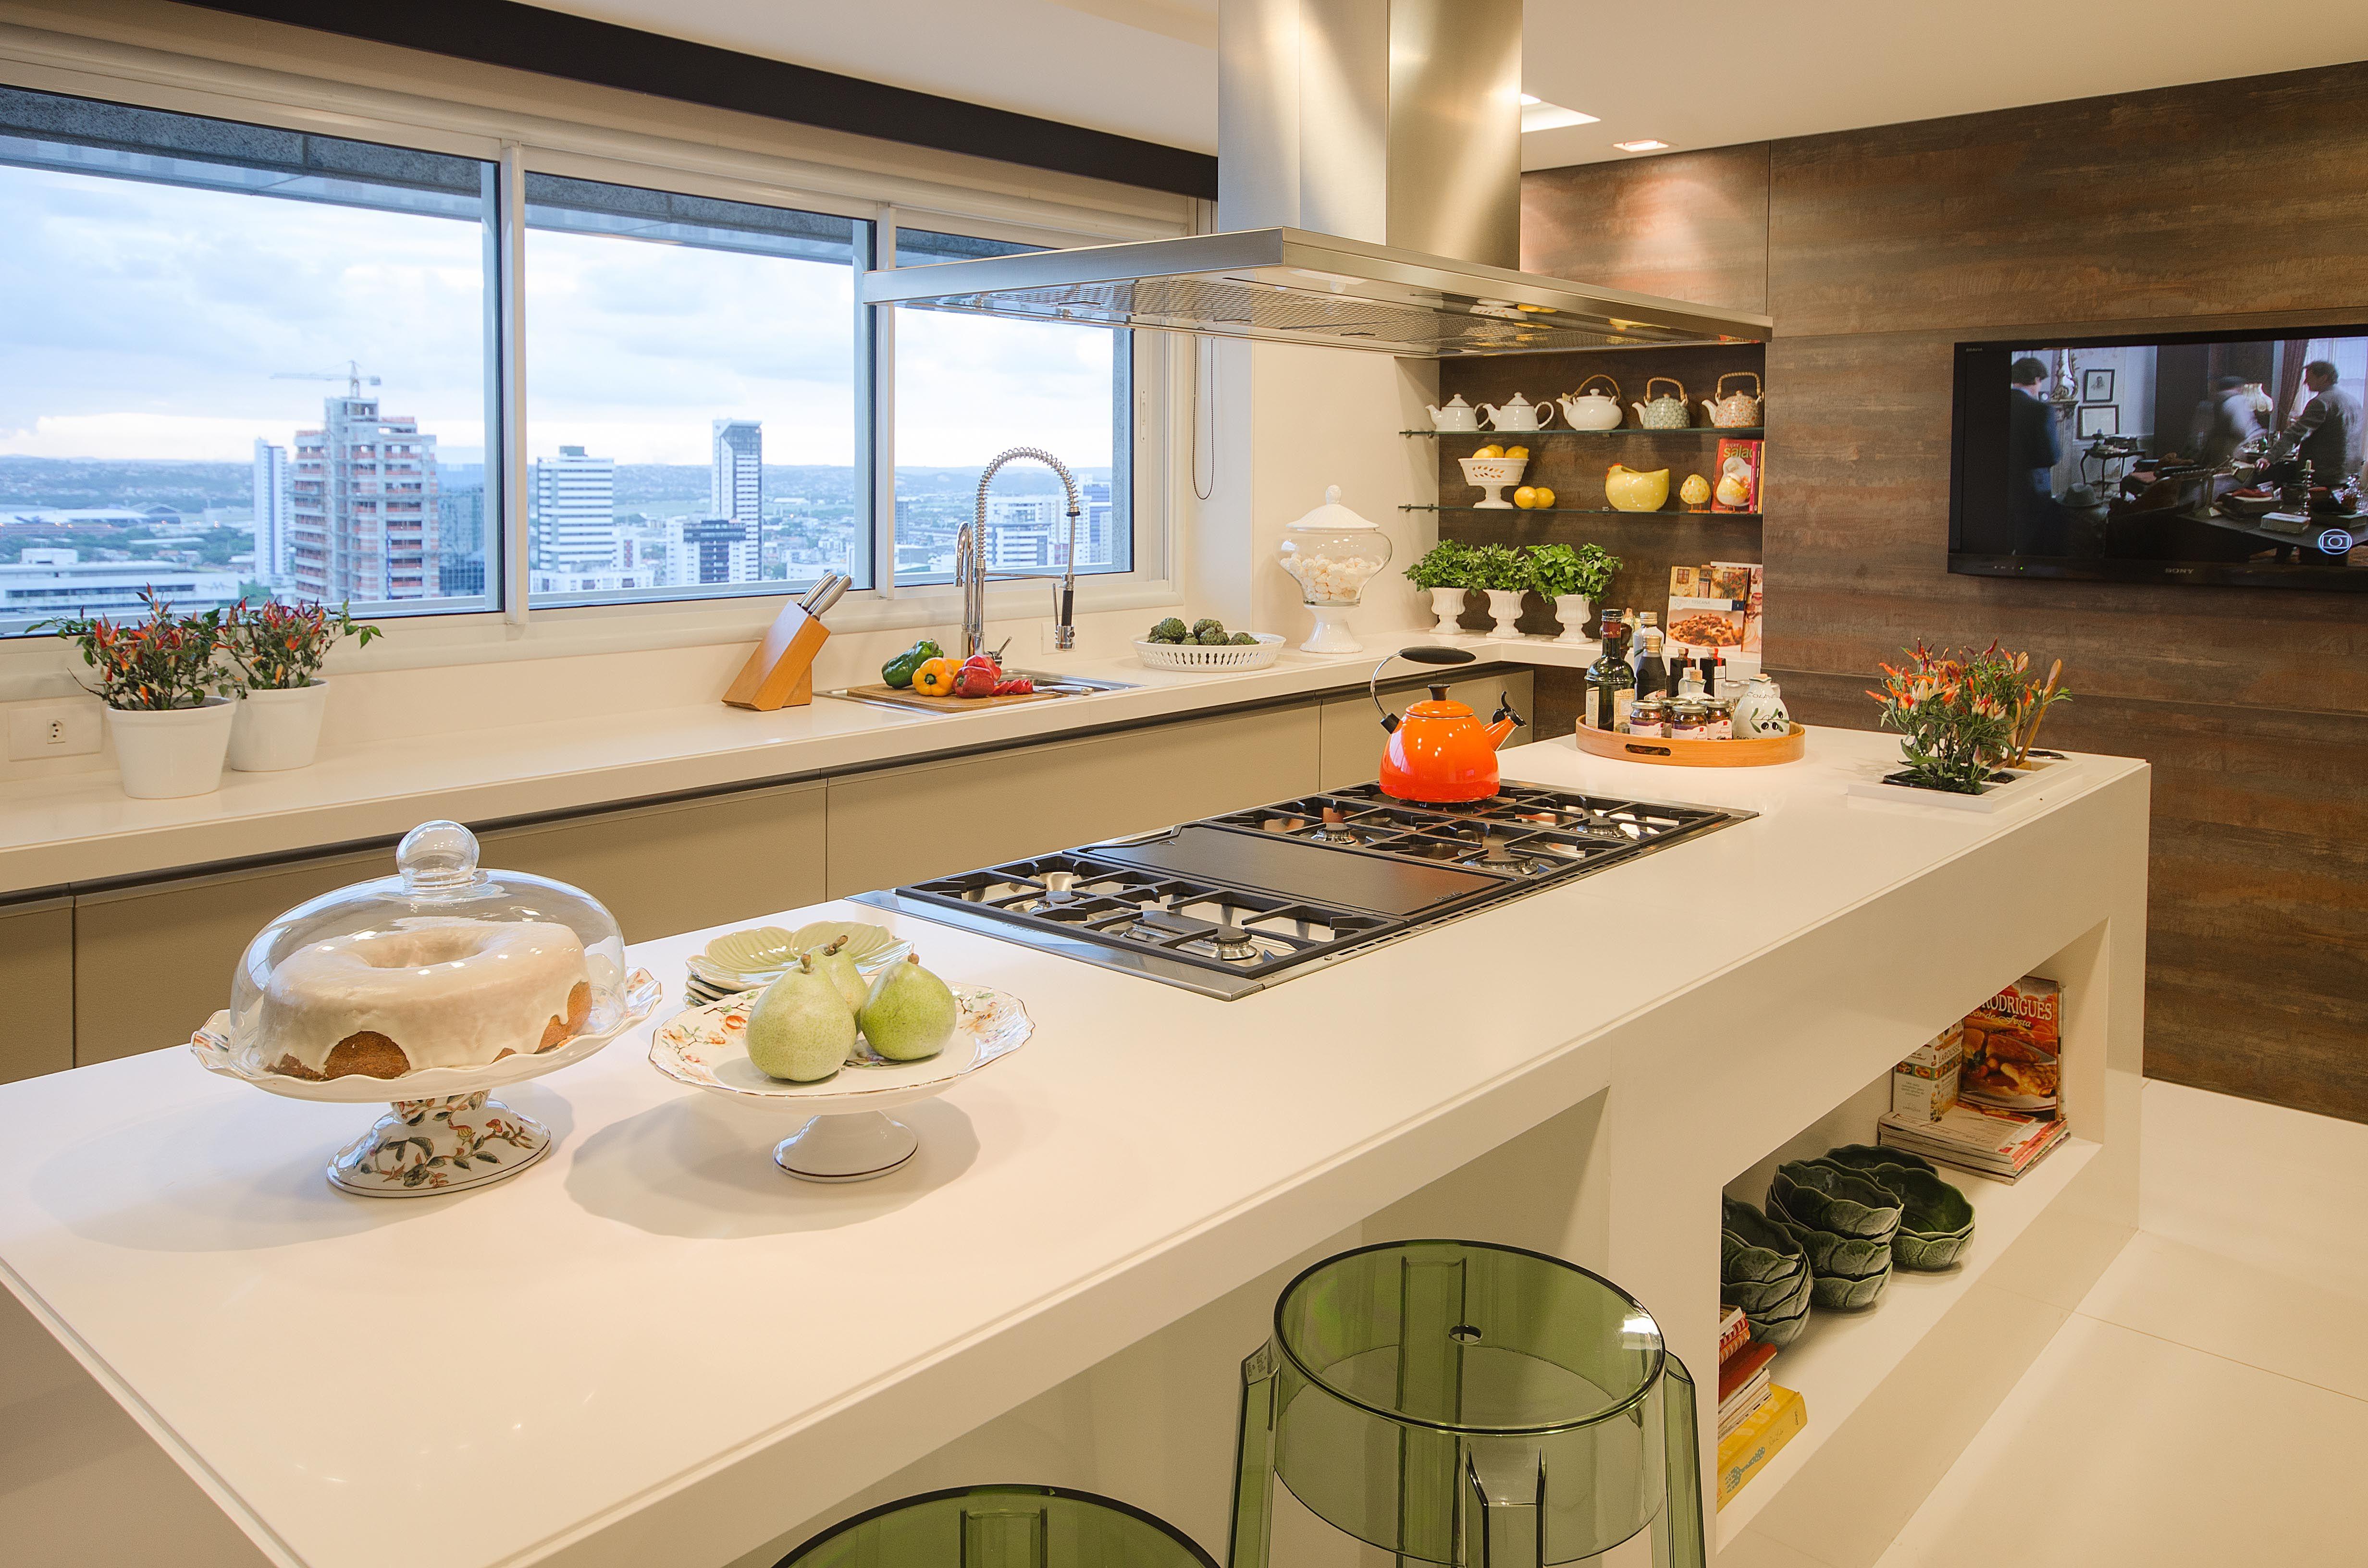 Cozinhas com ilha marcia nejaim #A56826 4928x3264